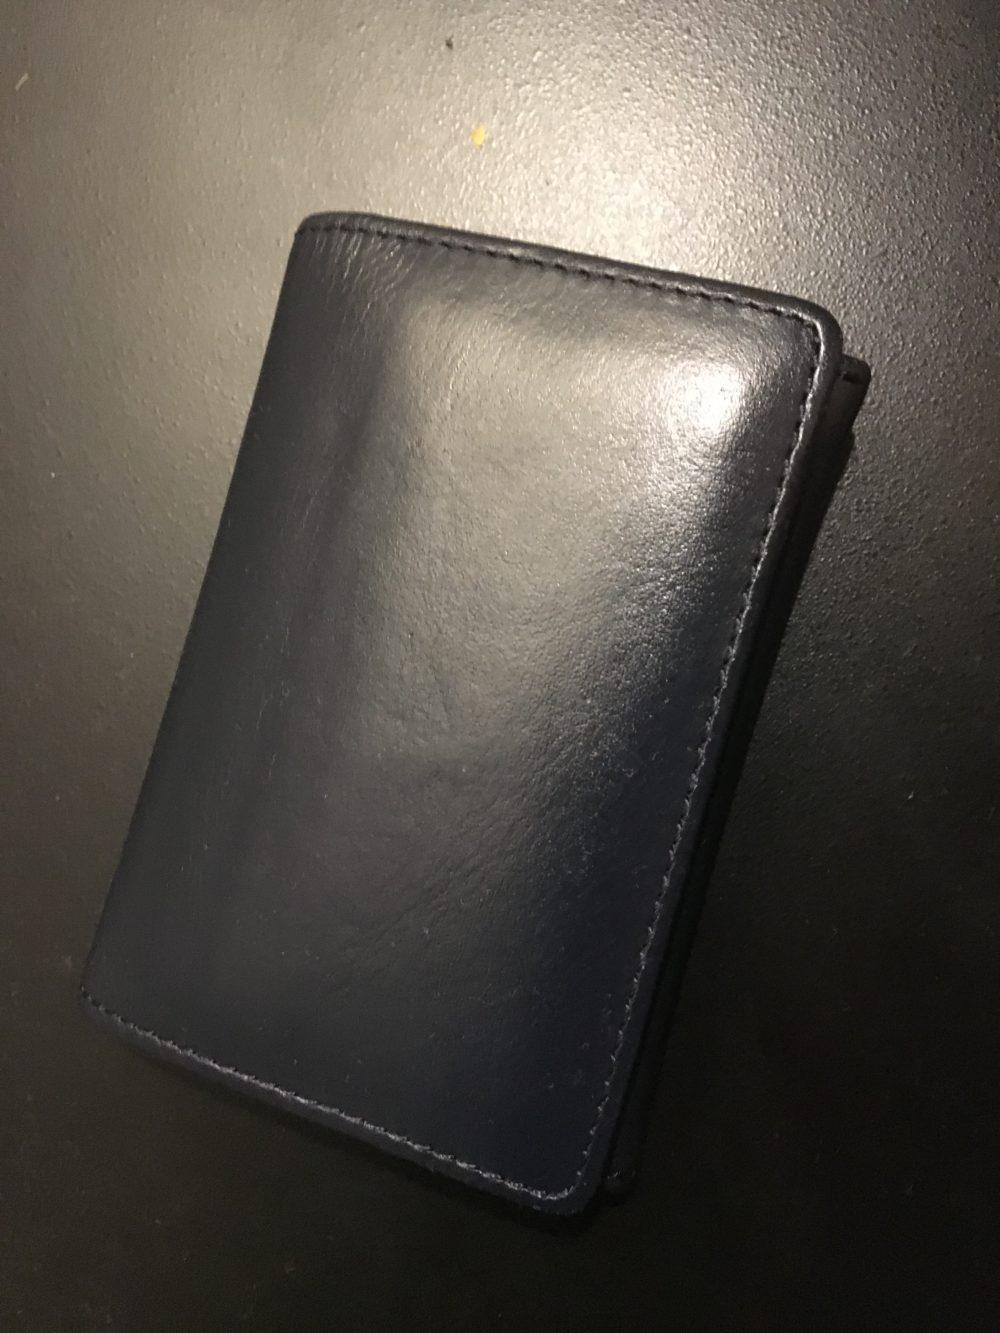 財布を持ちたくなかったら、名刺入れを財布代わりにしよう